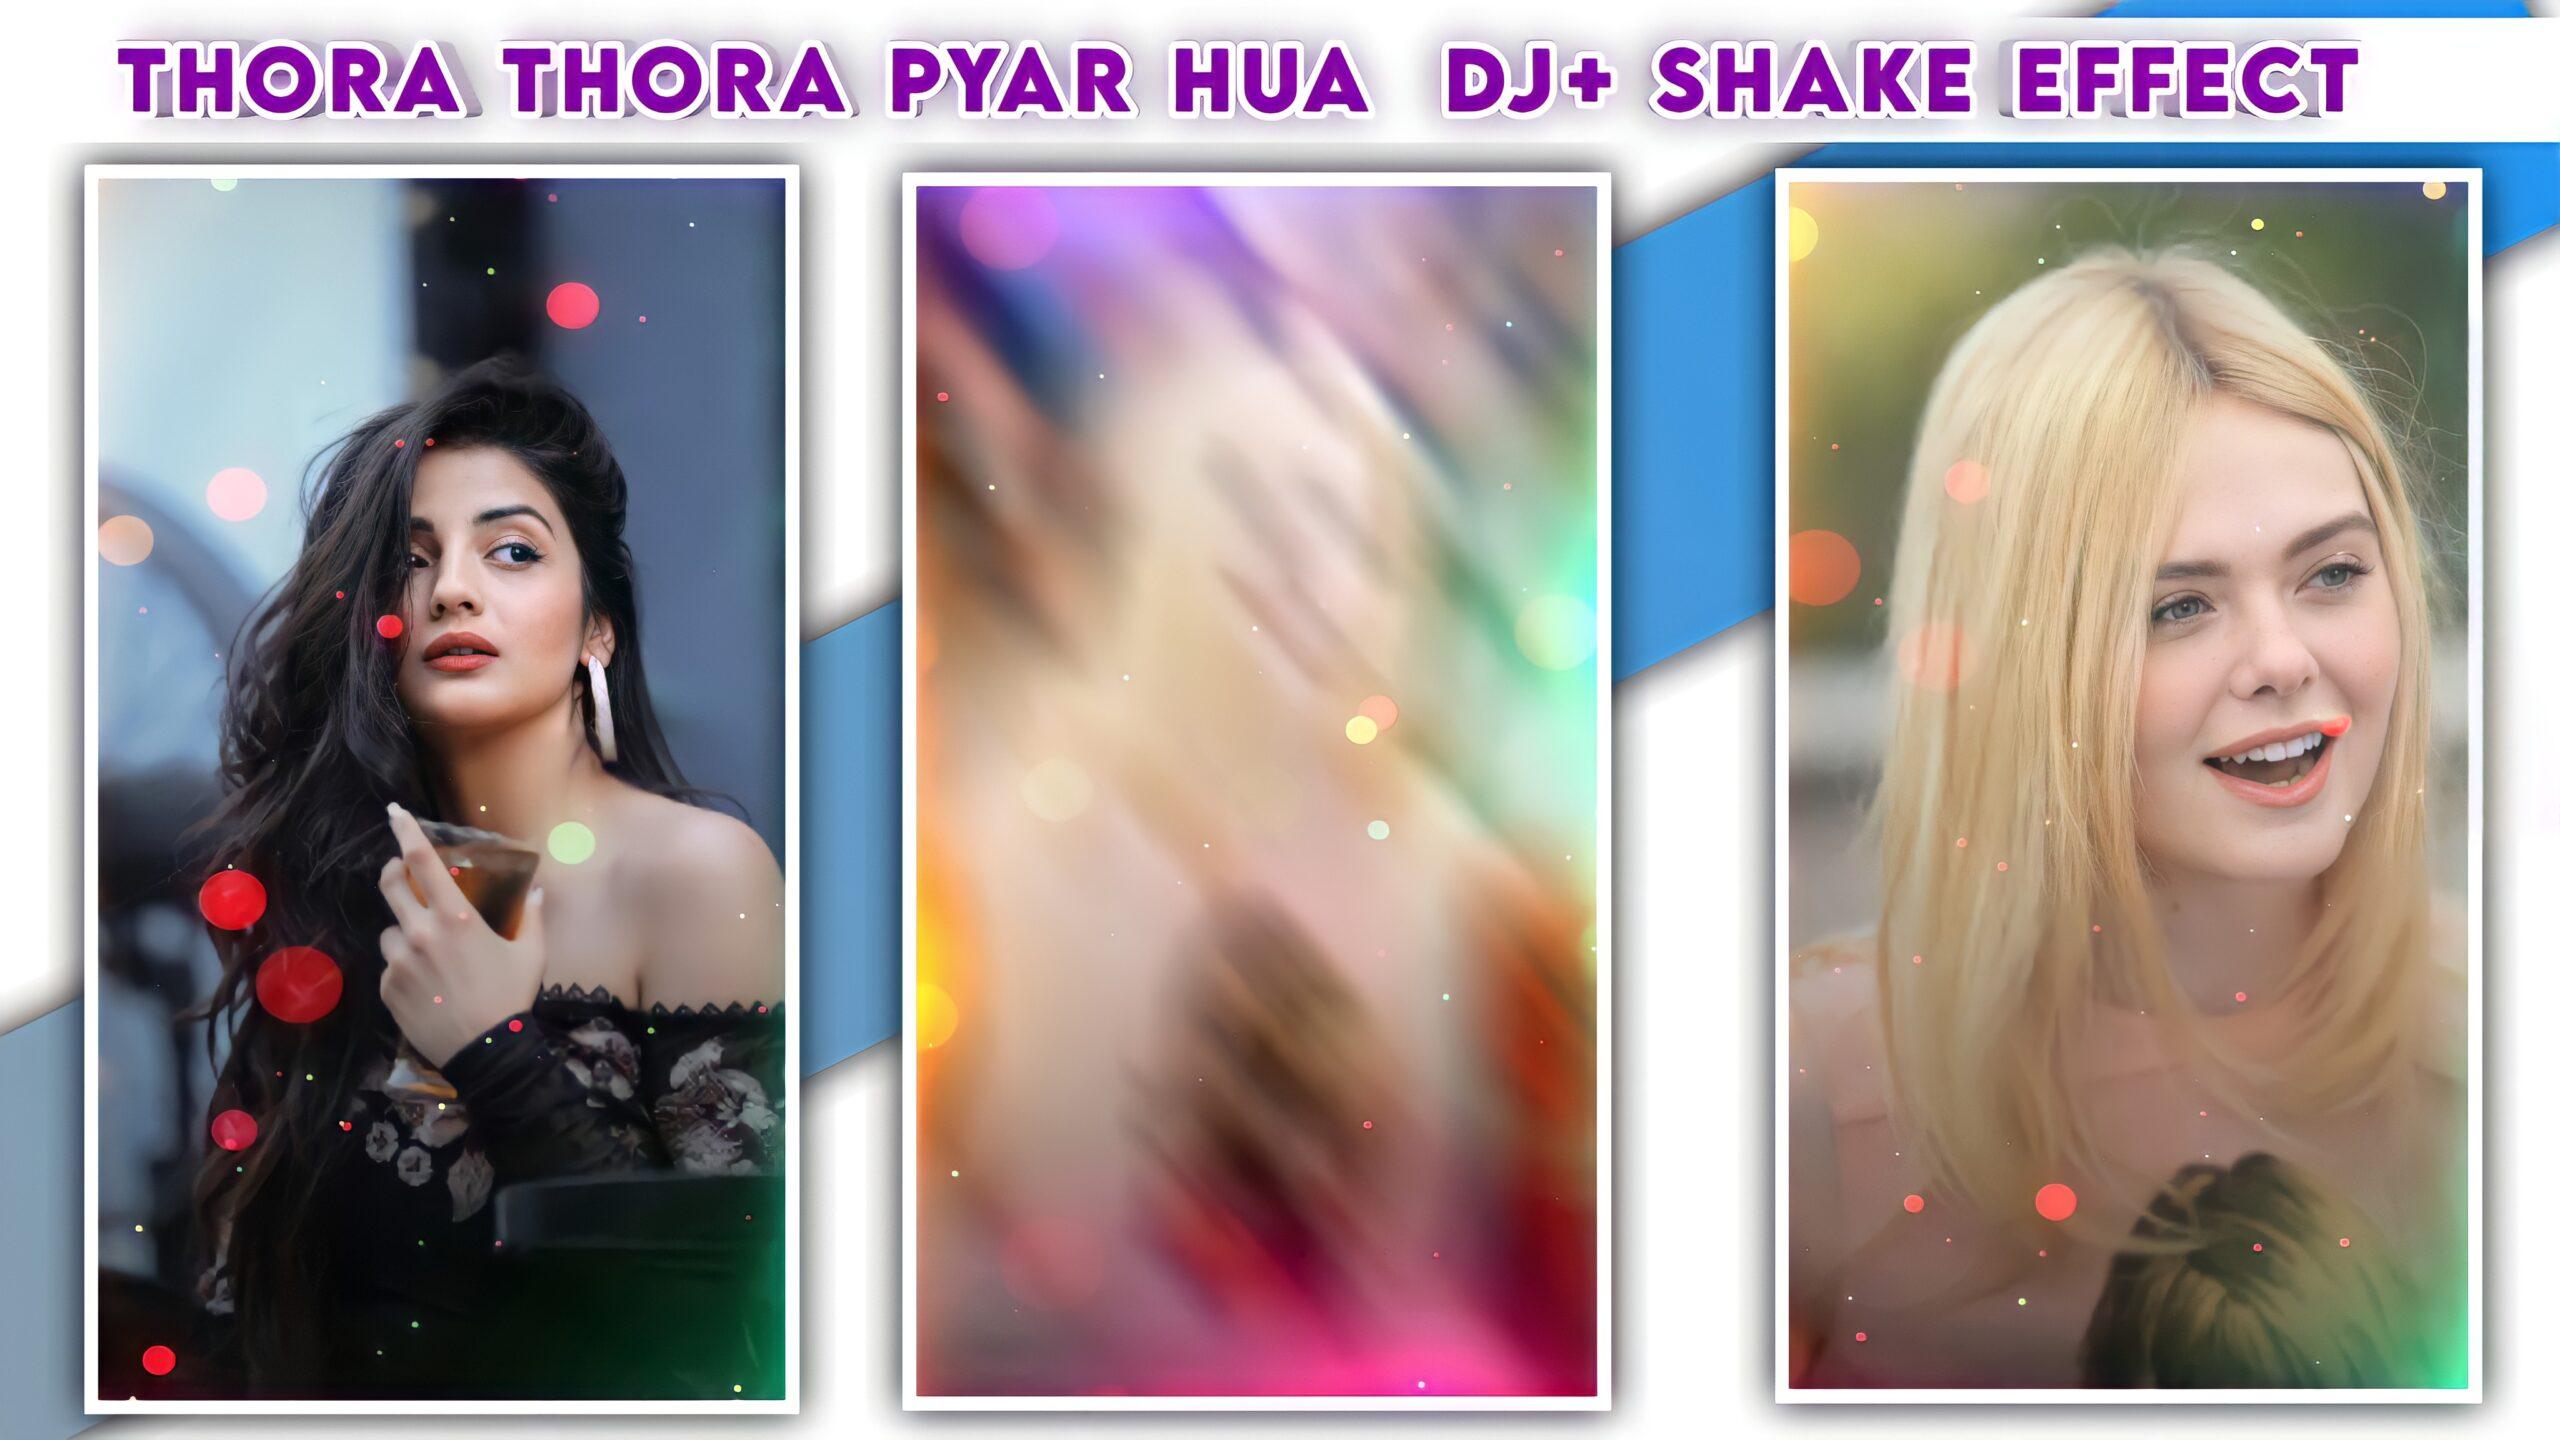 Thora Thora Pyar hua tumase DJ + Shake Effect video editing.